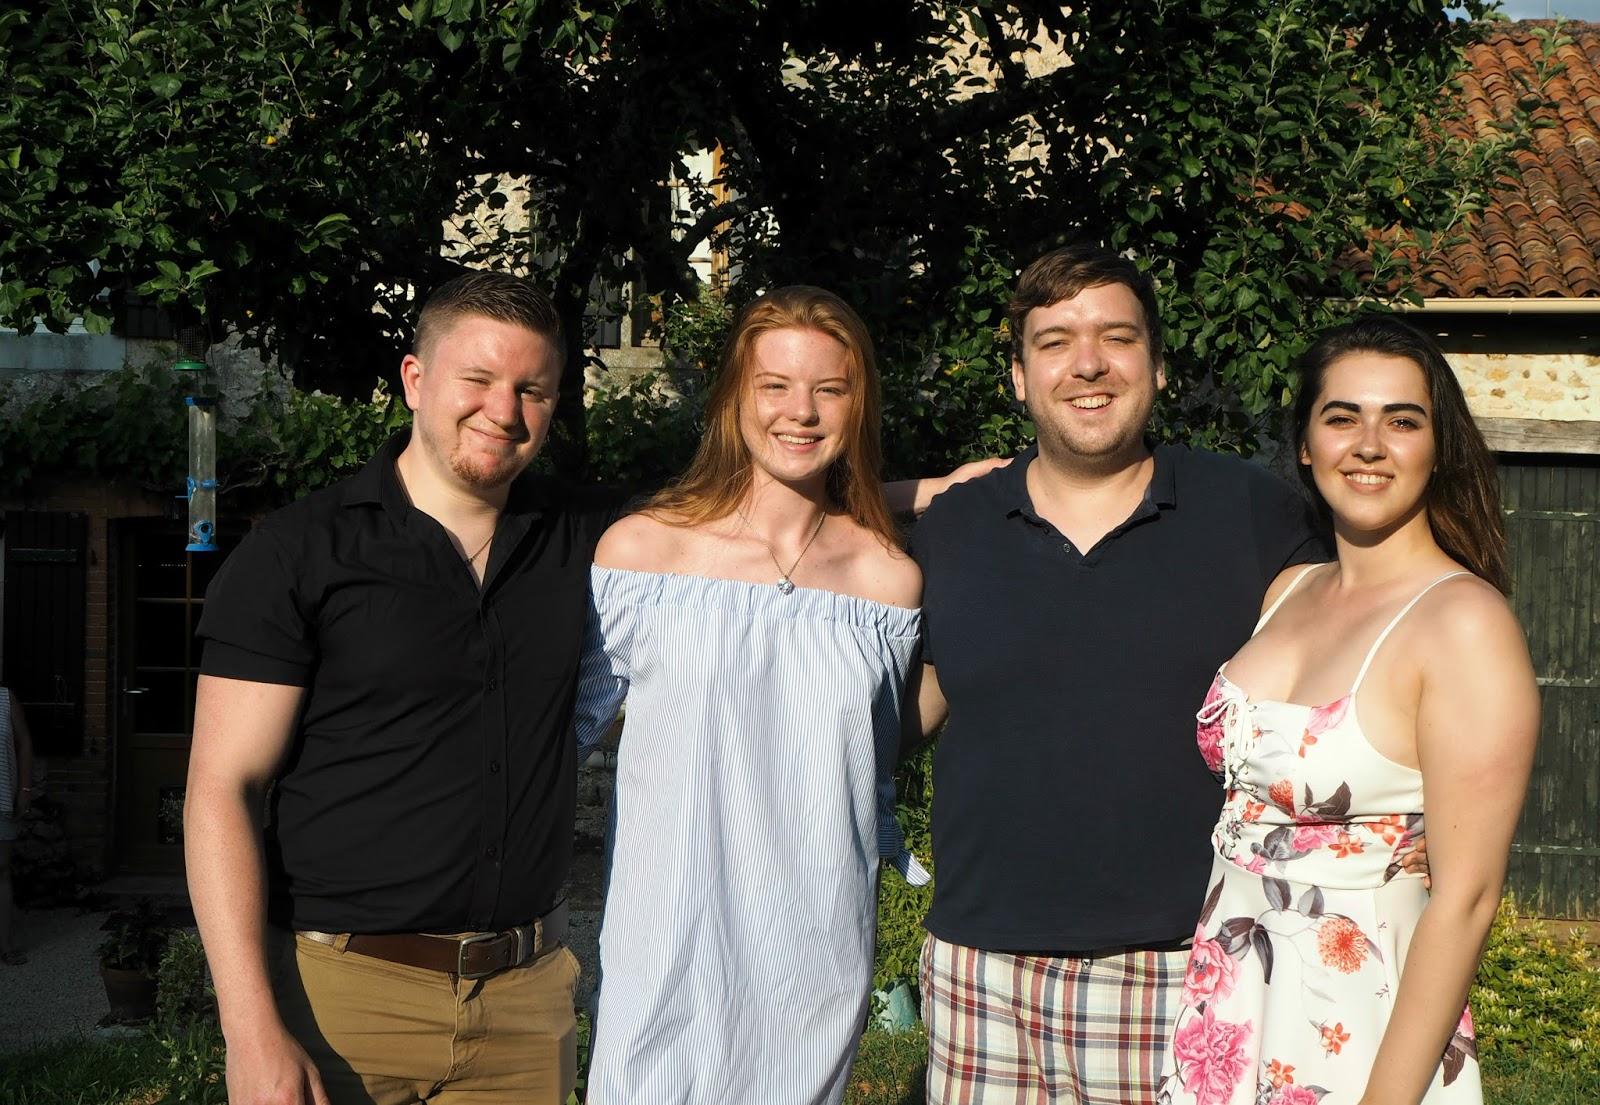 Sean, Sarah, Sam and Natalie